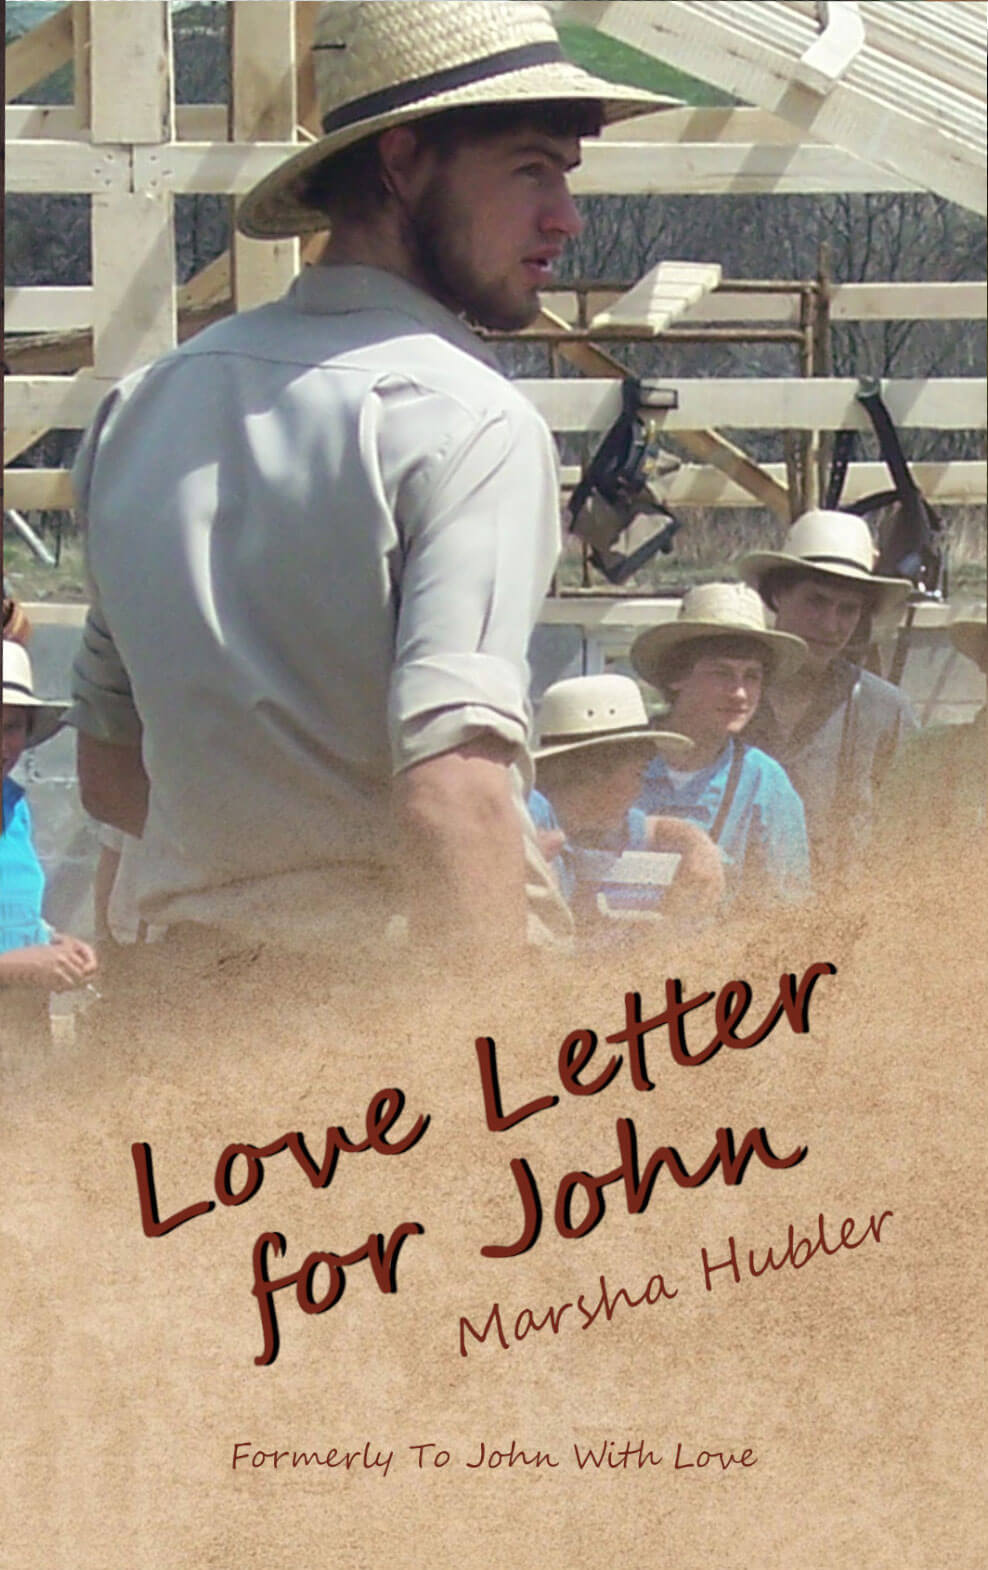 Love Letter For John